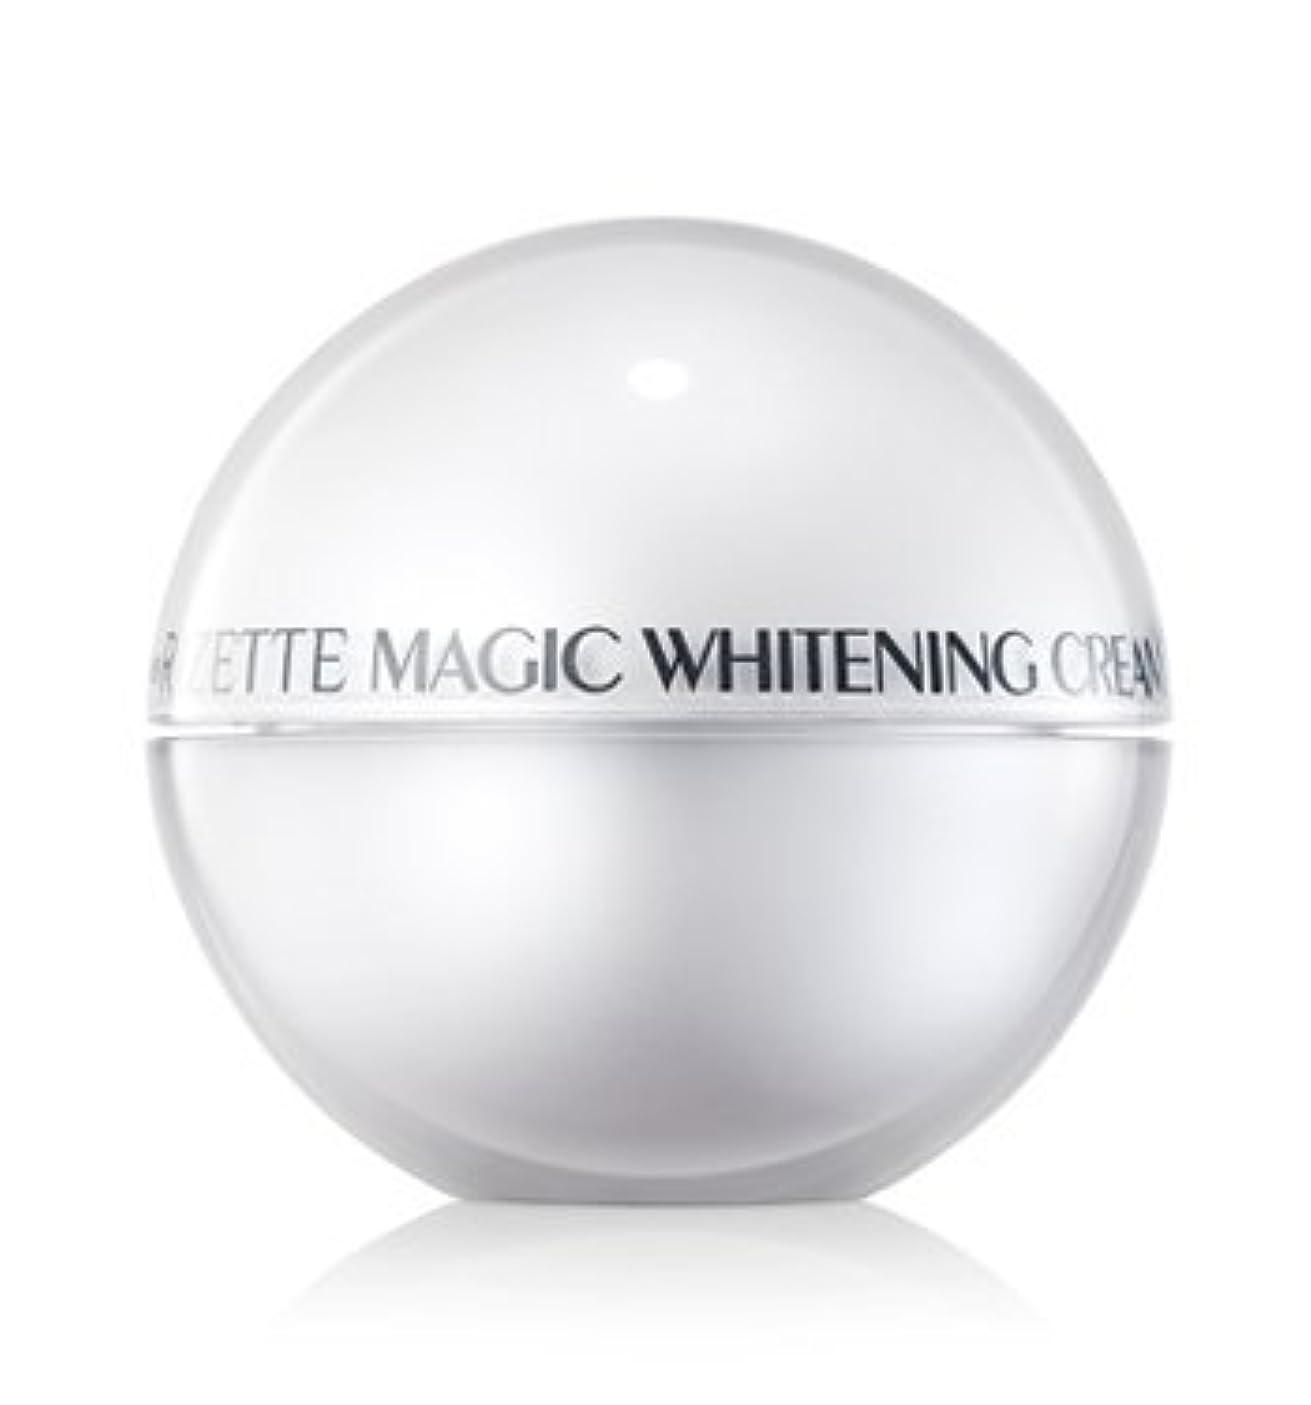 拍手する寮ヒュームリオエリ(Lioele) Rizette マジック ホワイトニング クリーム プラス/ Lioele Rizette Magic Whitening Cream Plus[並行輸入品]